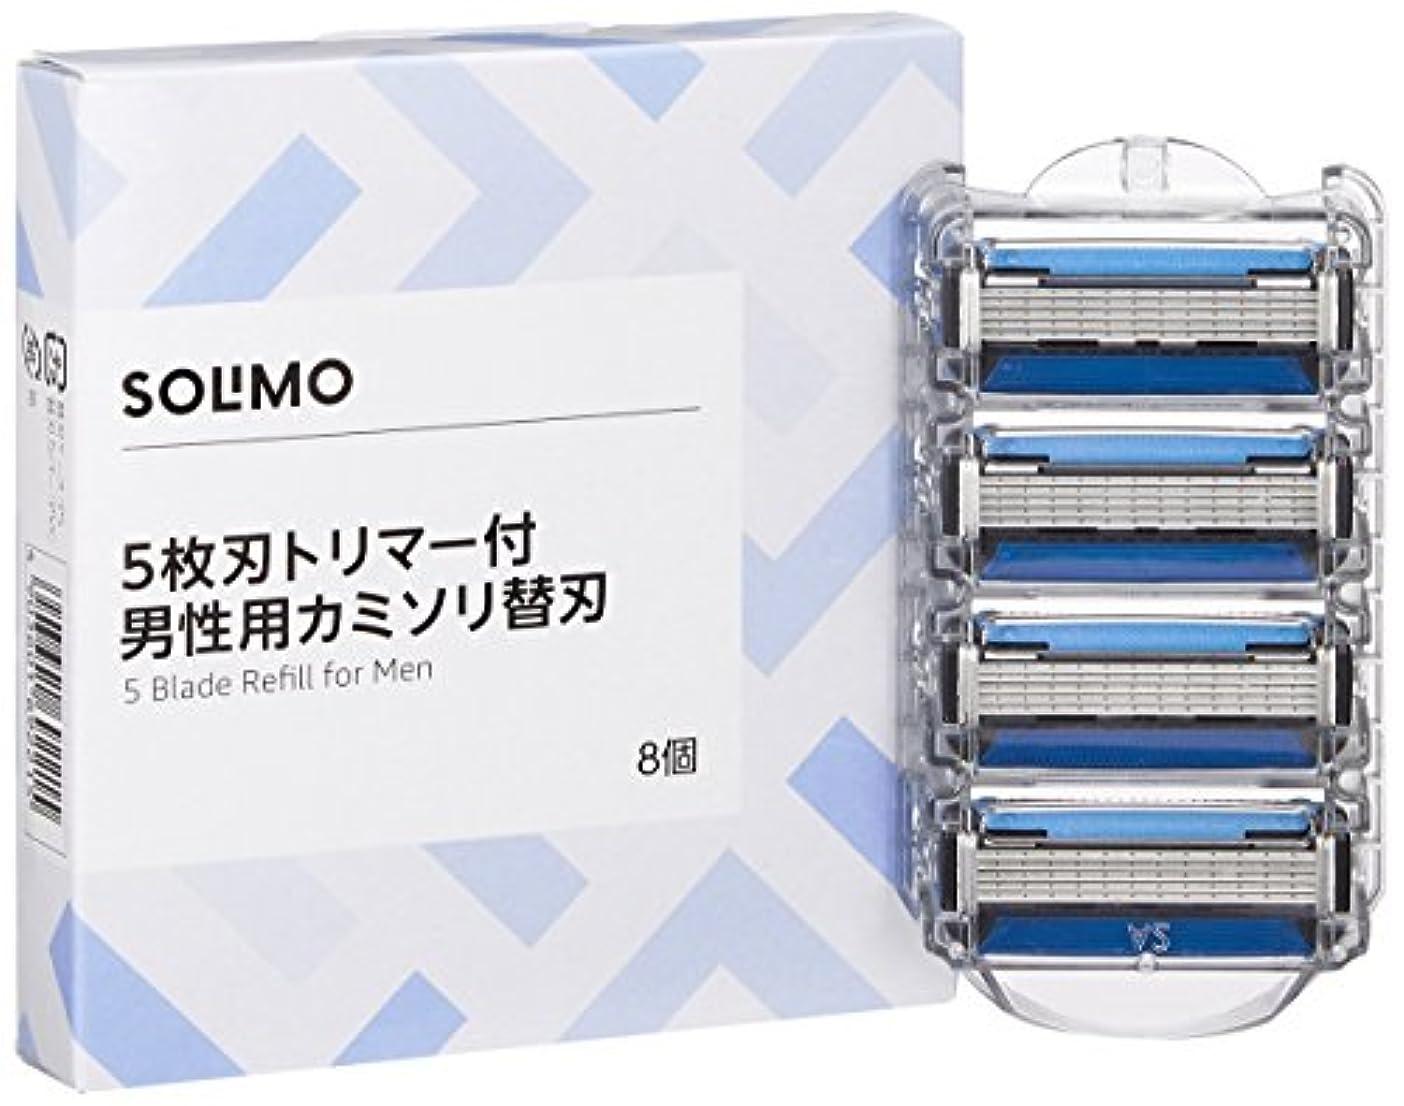 差別する取り除く置換[Amazonブランド]SOLIMO 5枚刃 トリマー付 男性用 カミソリ替刃8個